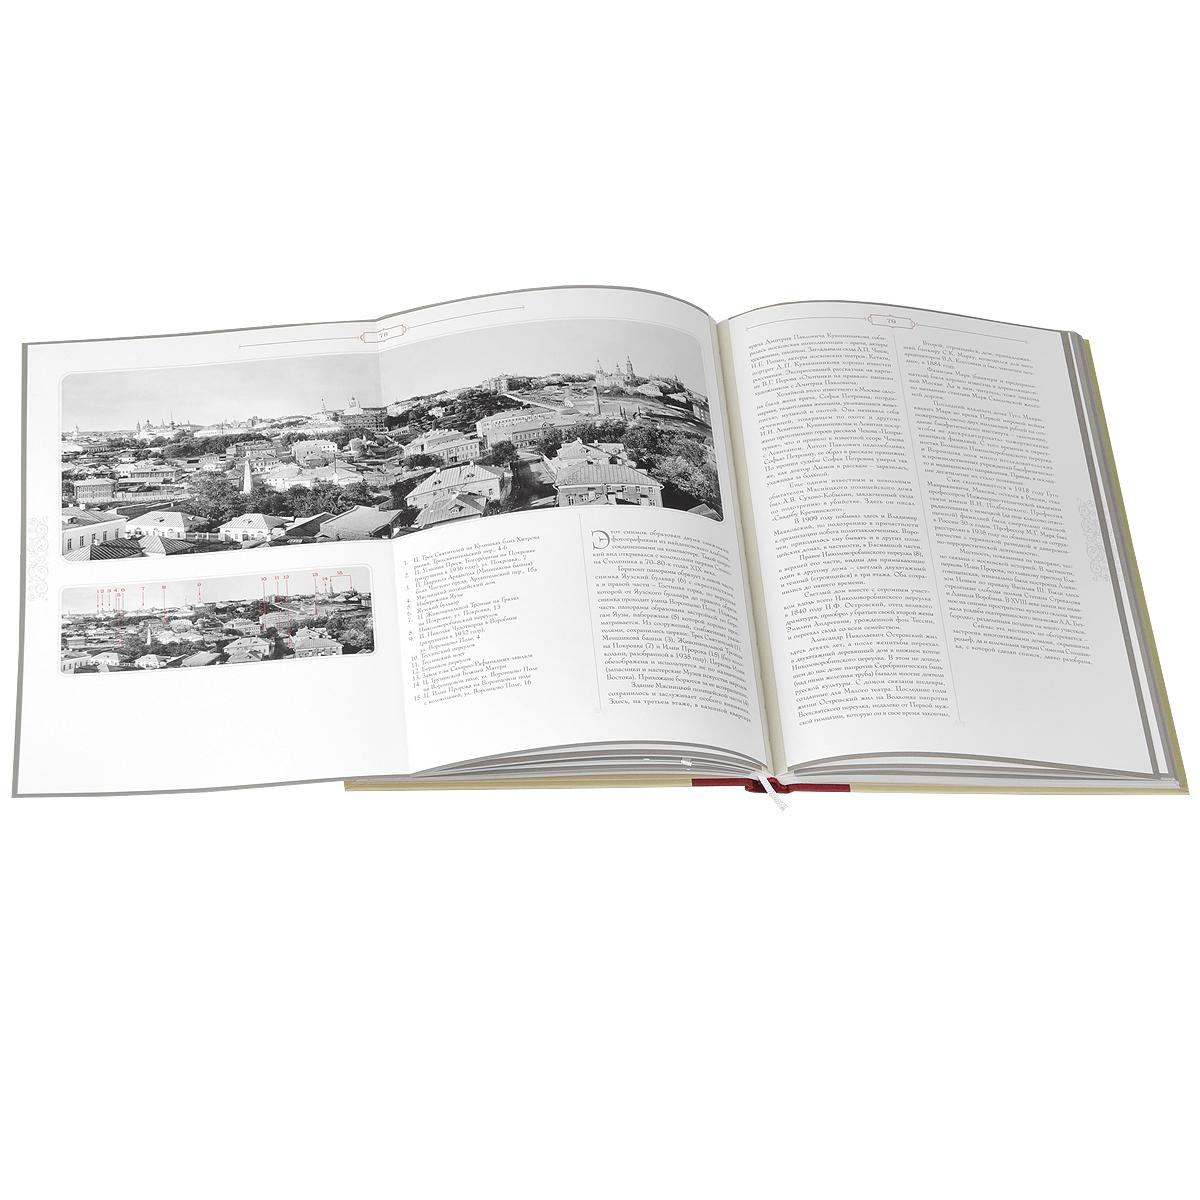 Виды Москвы XIX и XXI веков. Сопоставления и комментарии